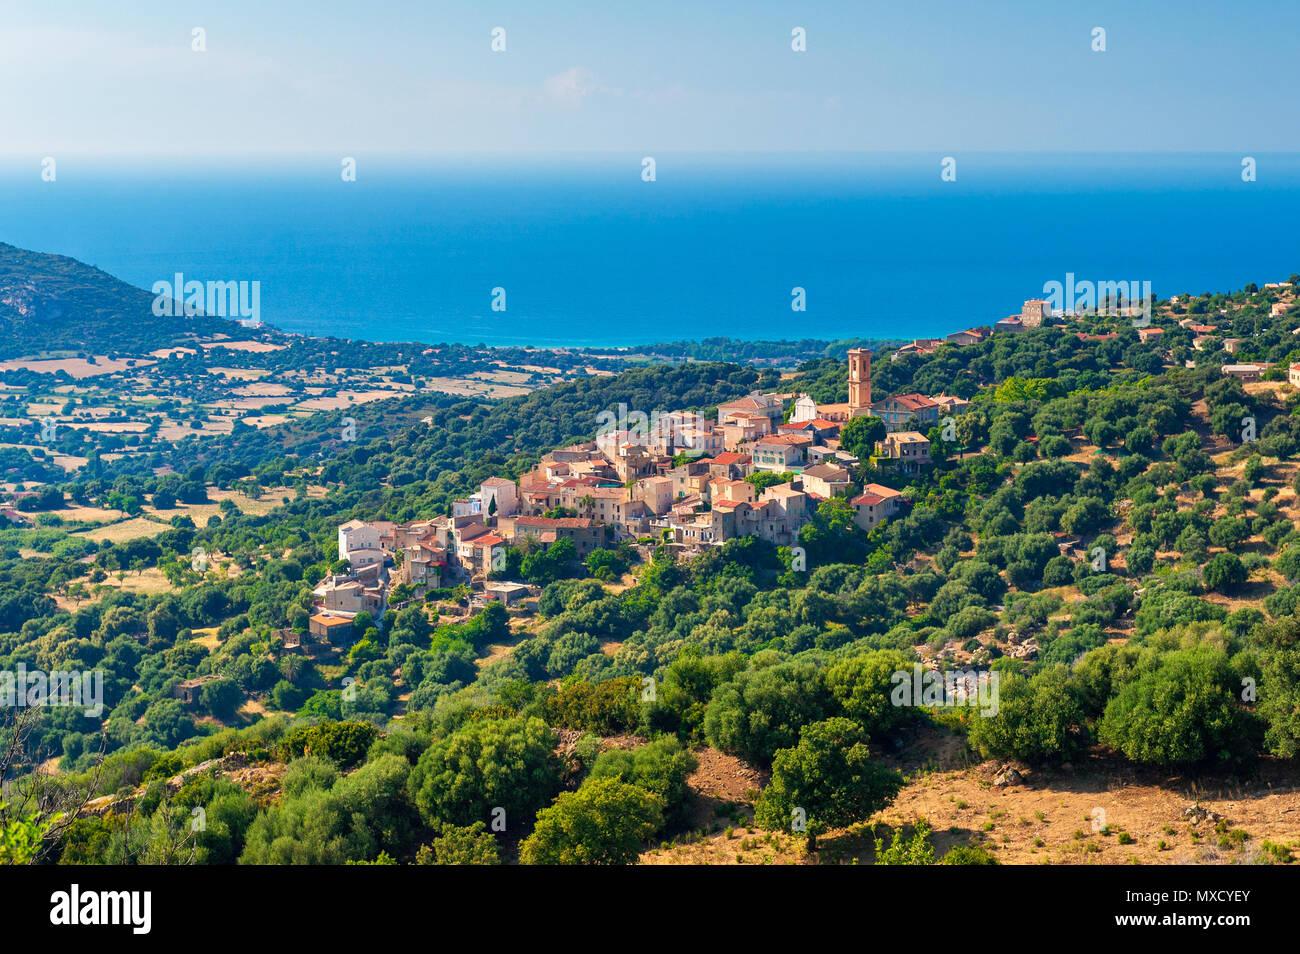 Villaggio di Sant'Antonino in Corsica Francia Immagini Stock